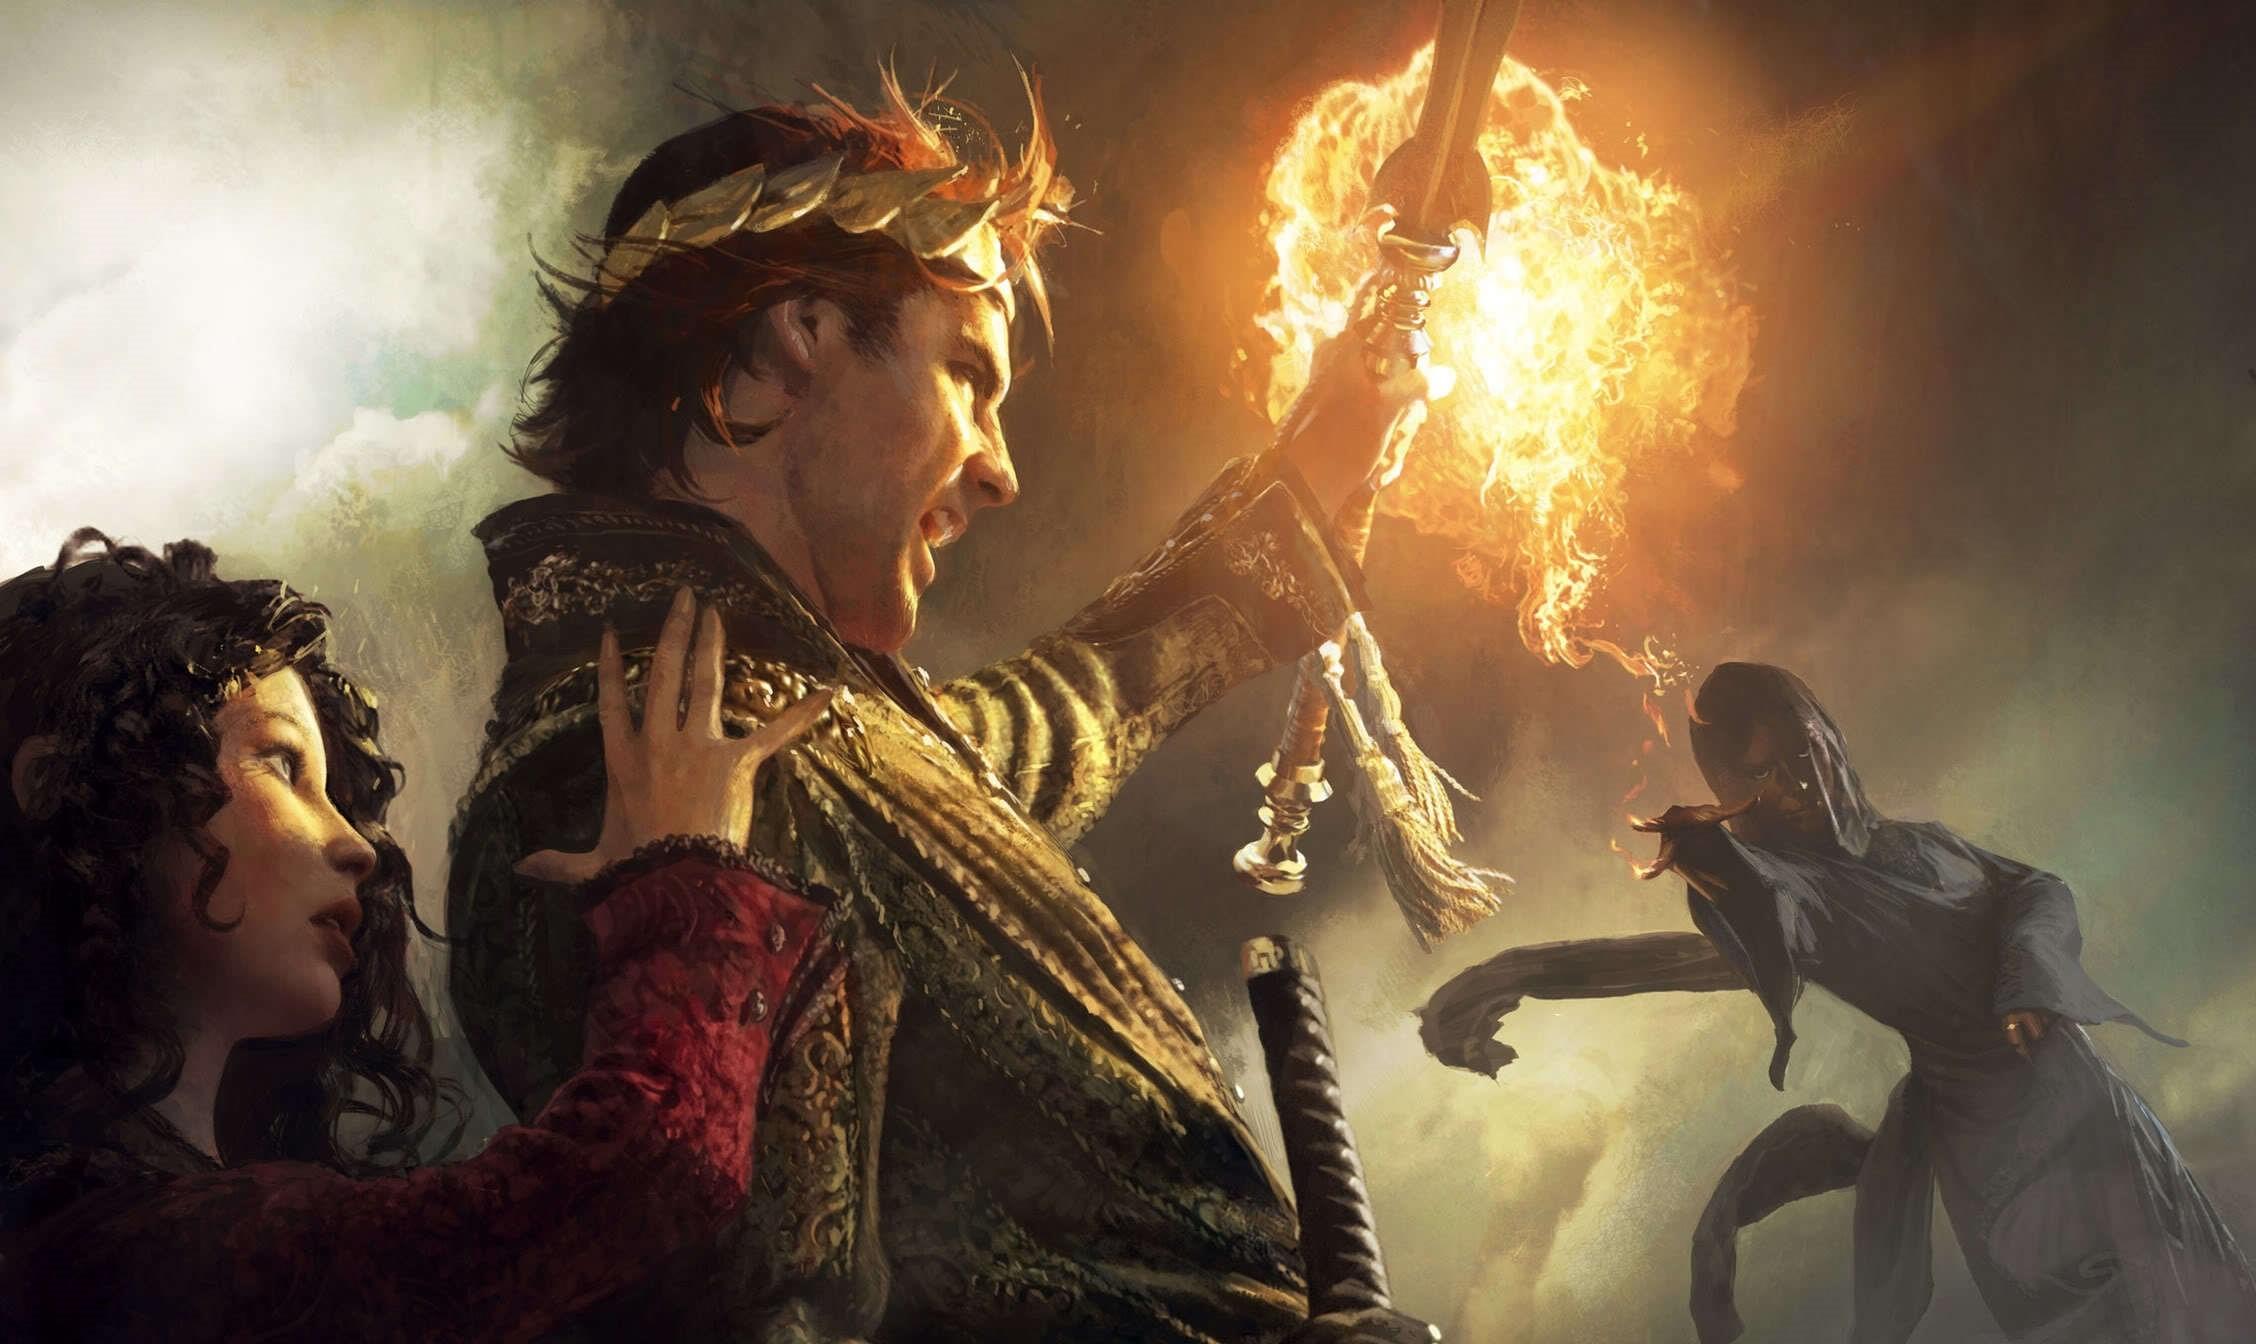 Amazon confirma mais uma série de fantasia para tomar o lugar de Game of Thrones